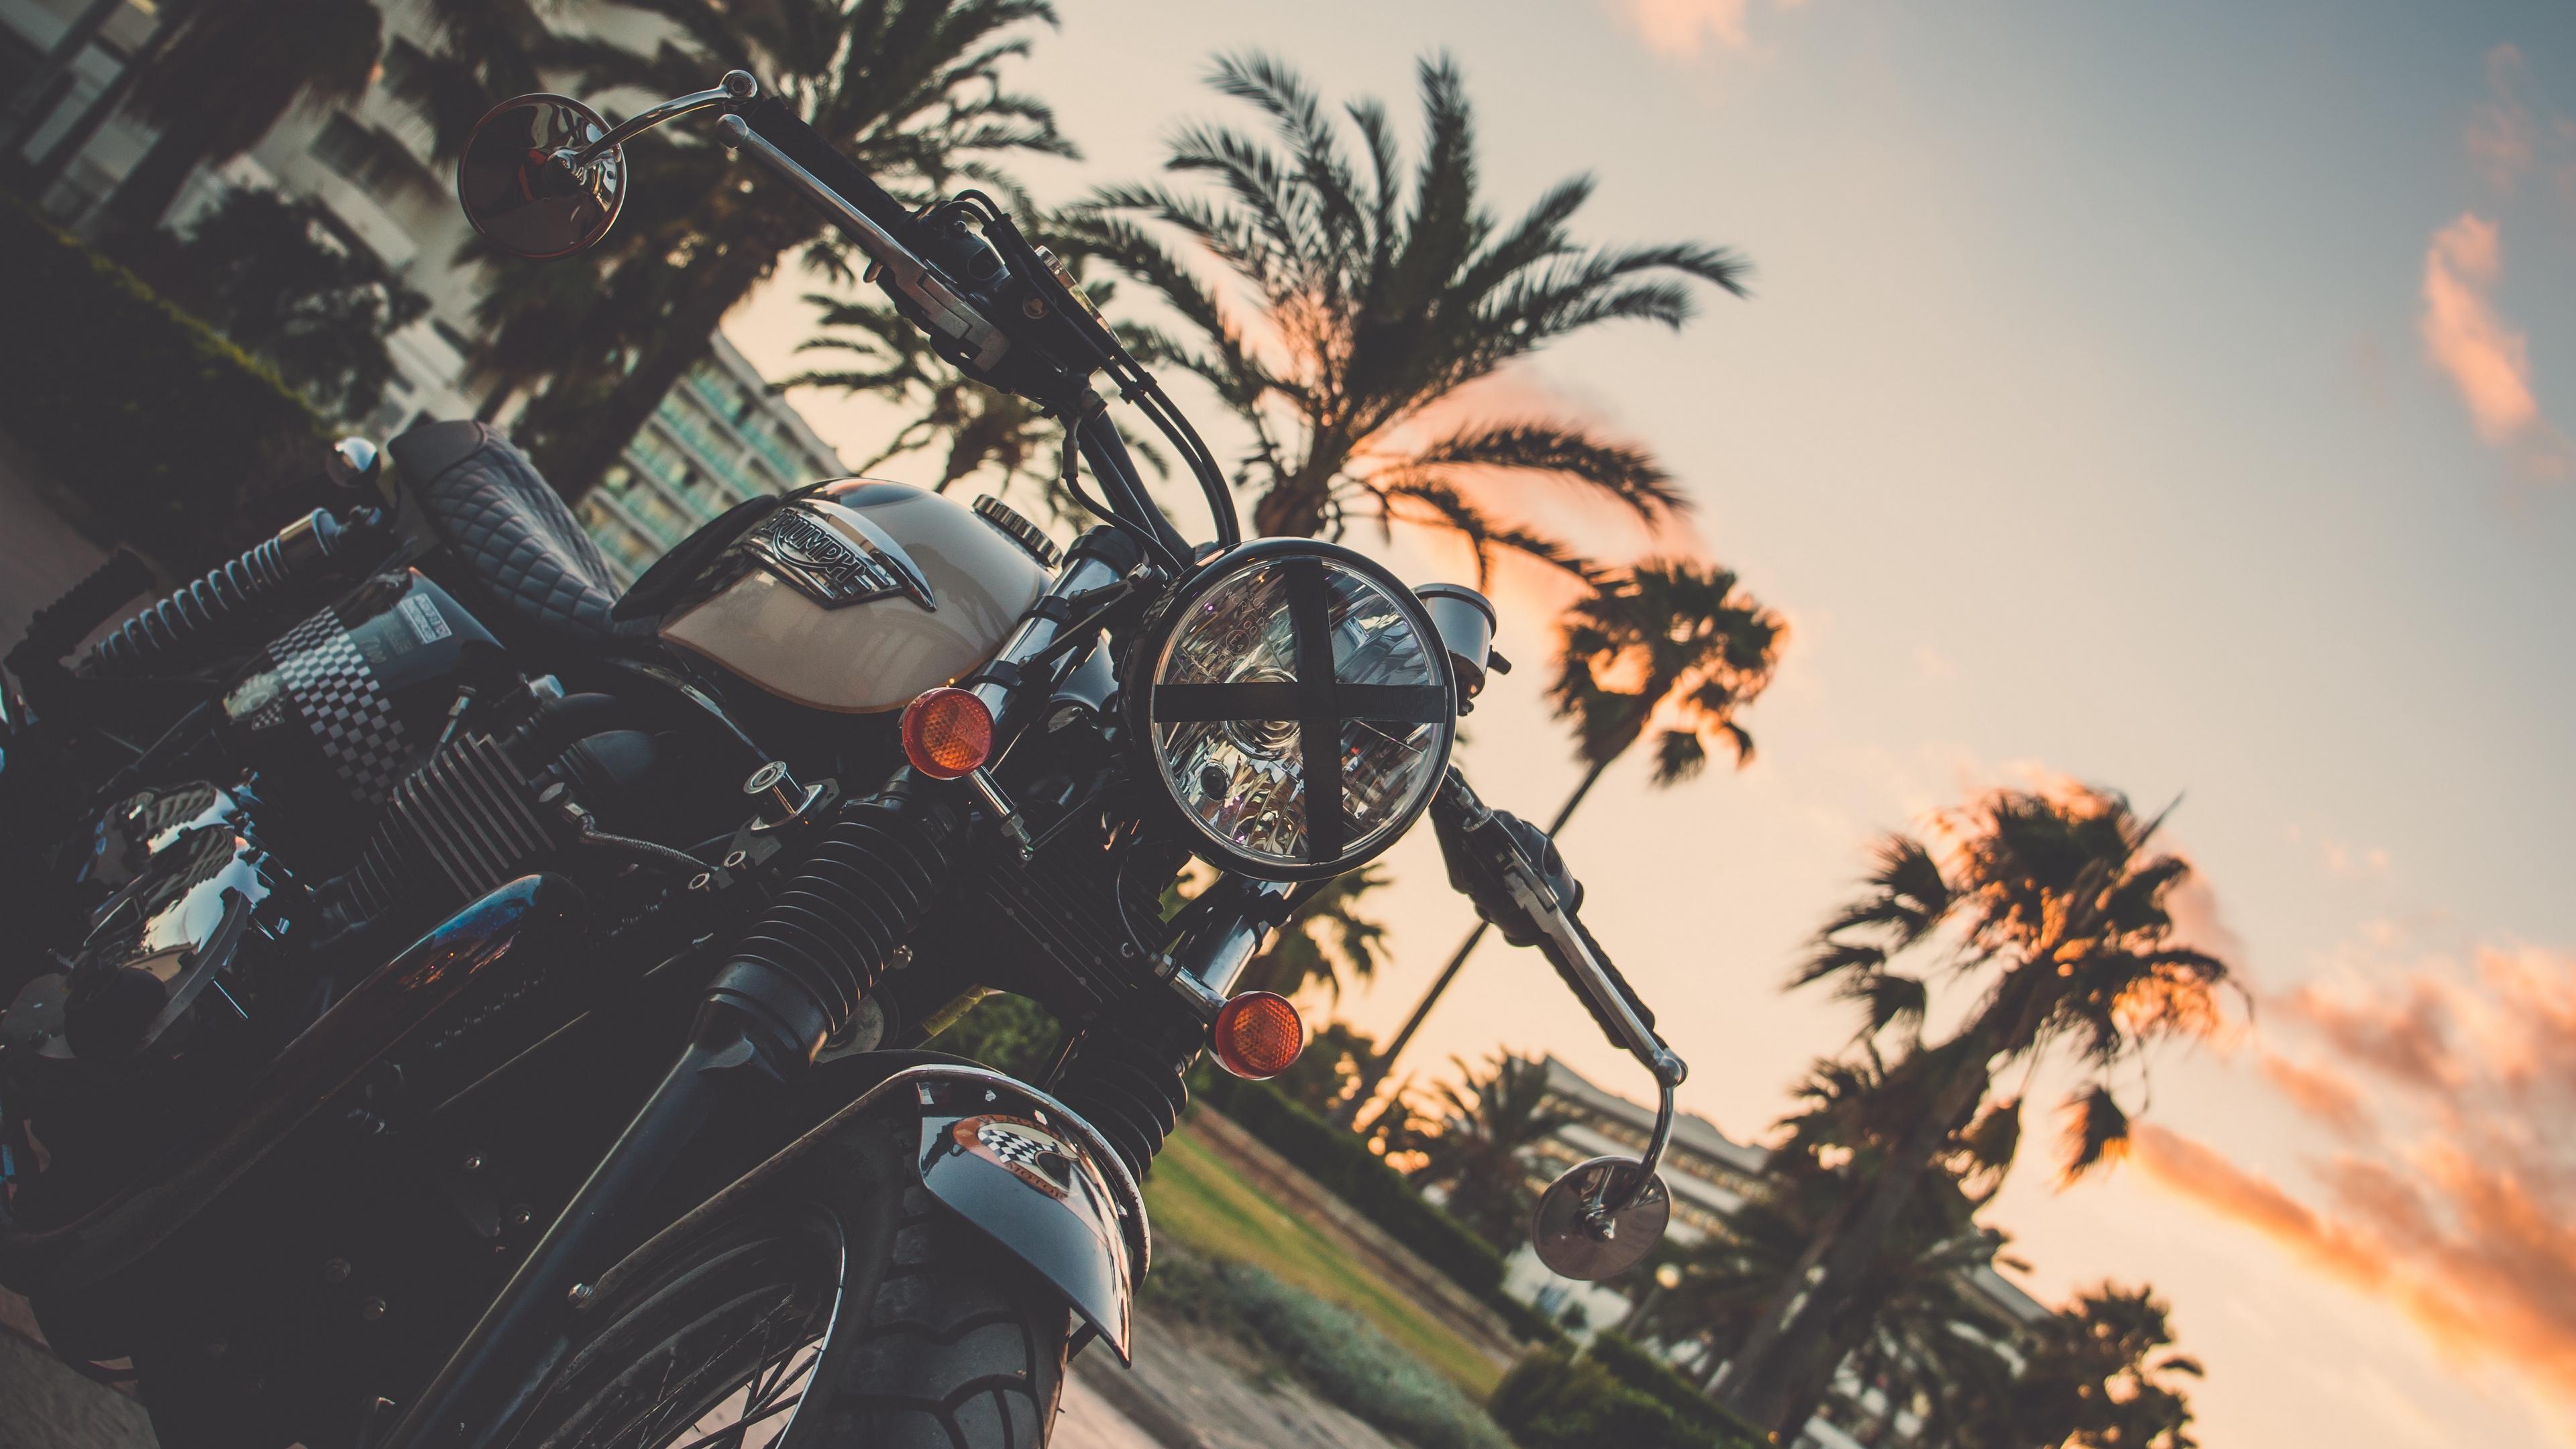 motorcycle bike palm tree 4k 1536018800 - motorcycle, bike, palm tree 4k - palm tree, Motorcycle, Bike